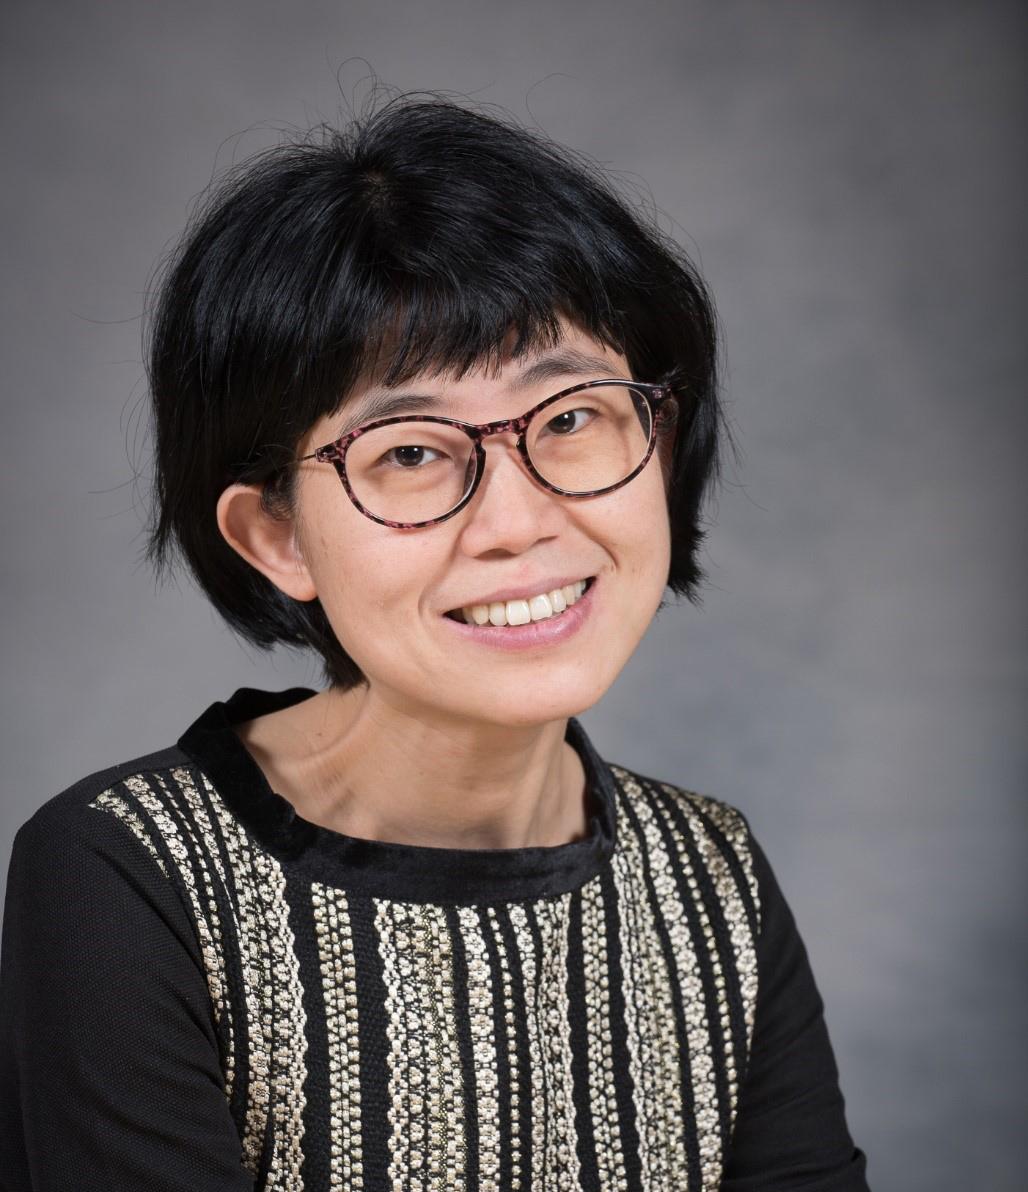 Xiaoqian Hu